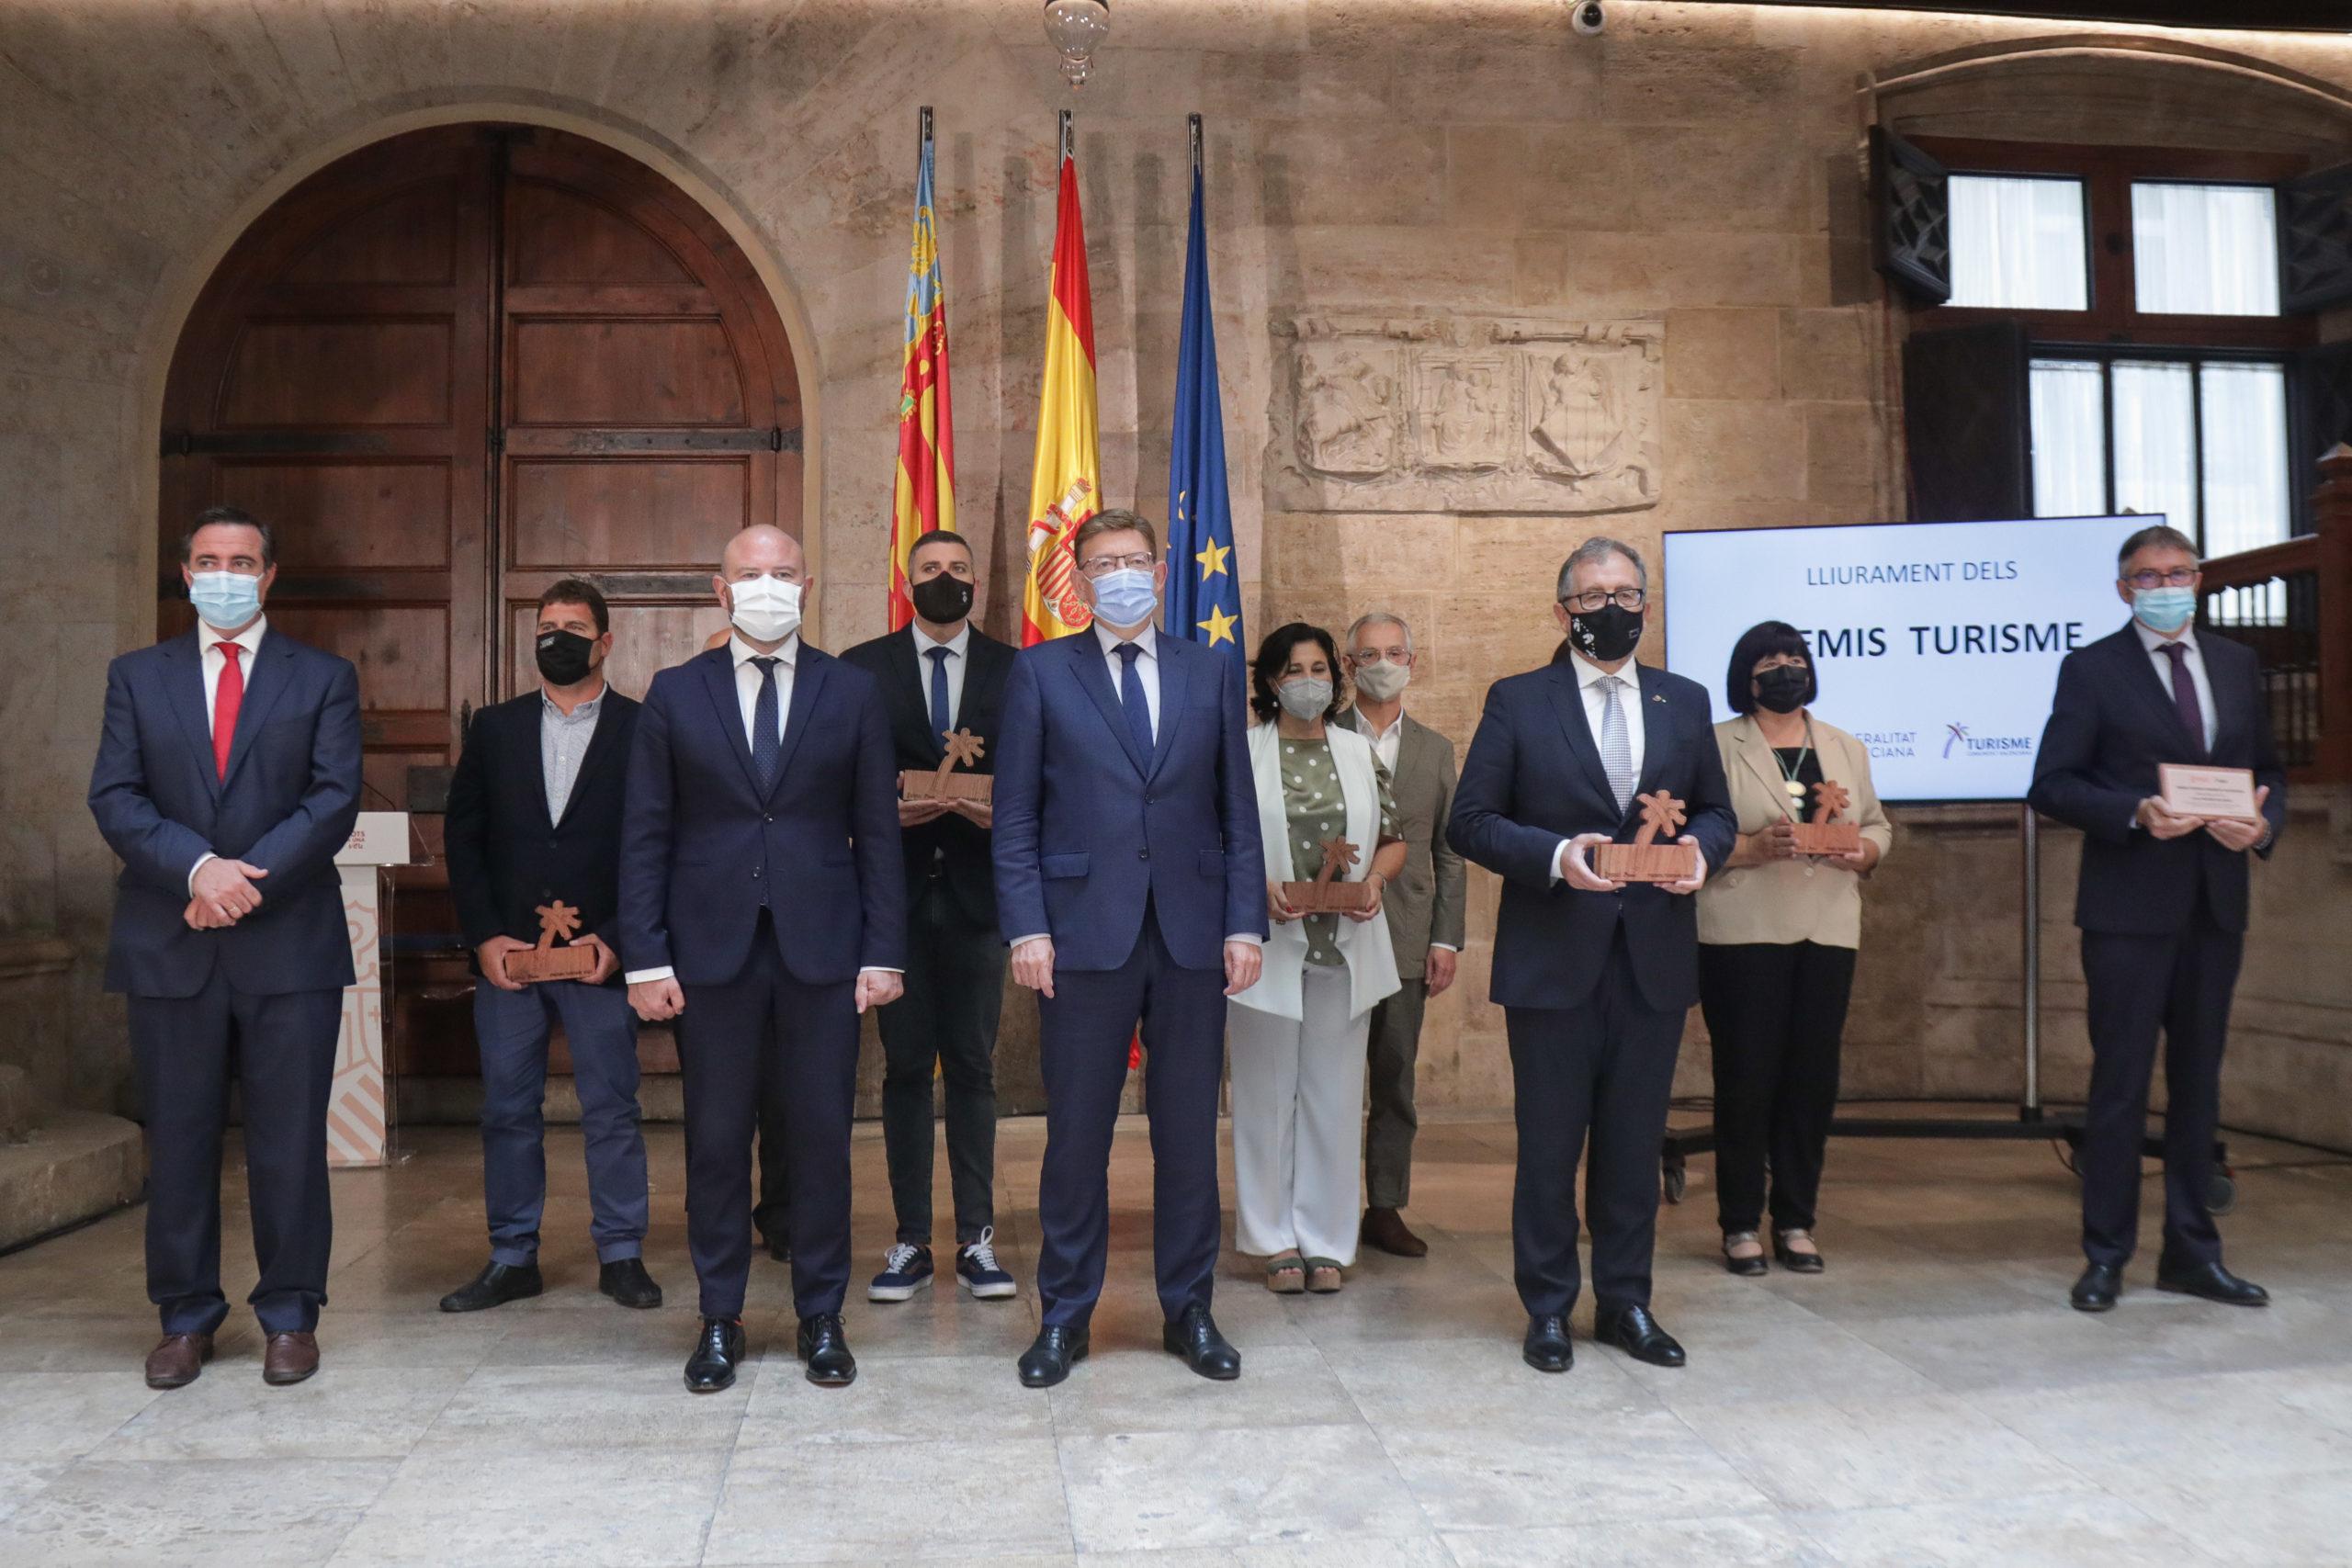 Ximo Puig anuncia 150 millones de euros en fondos europeos para apoyar la transición verde y sostenible, la digitalización y la mejora de la competitividad del sector turístico